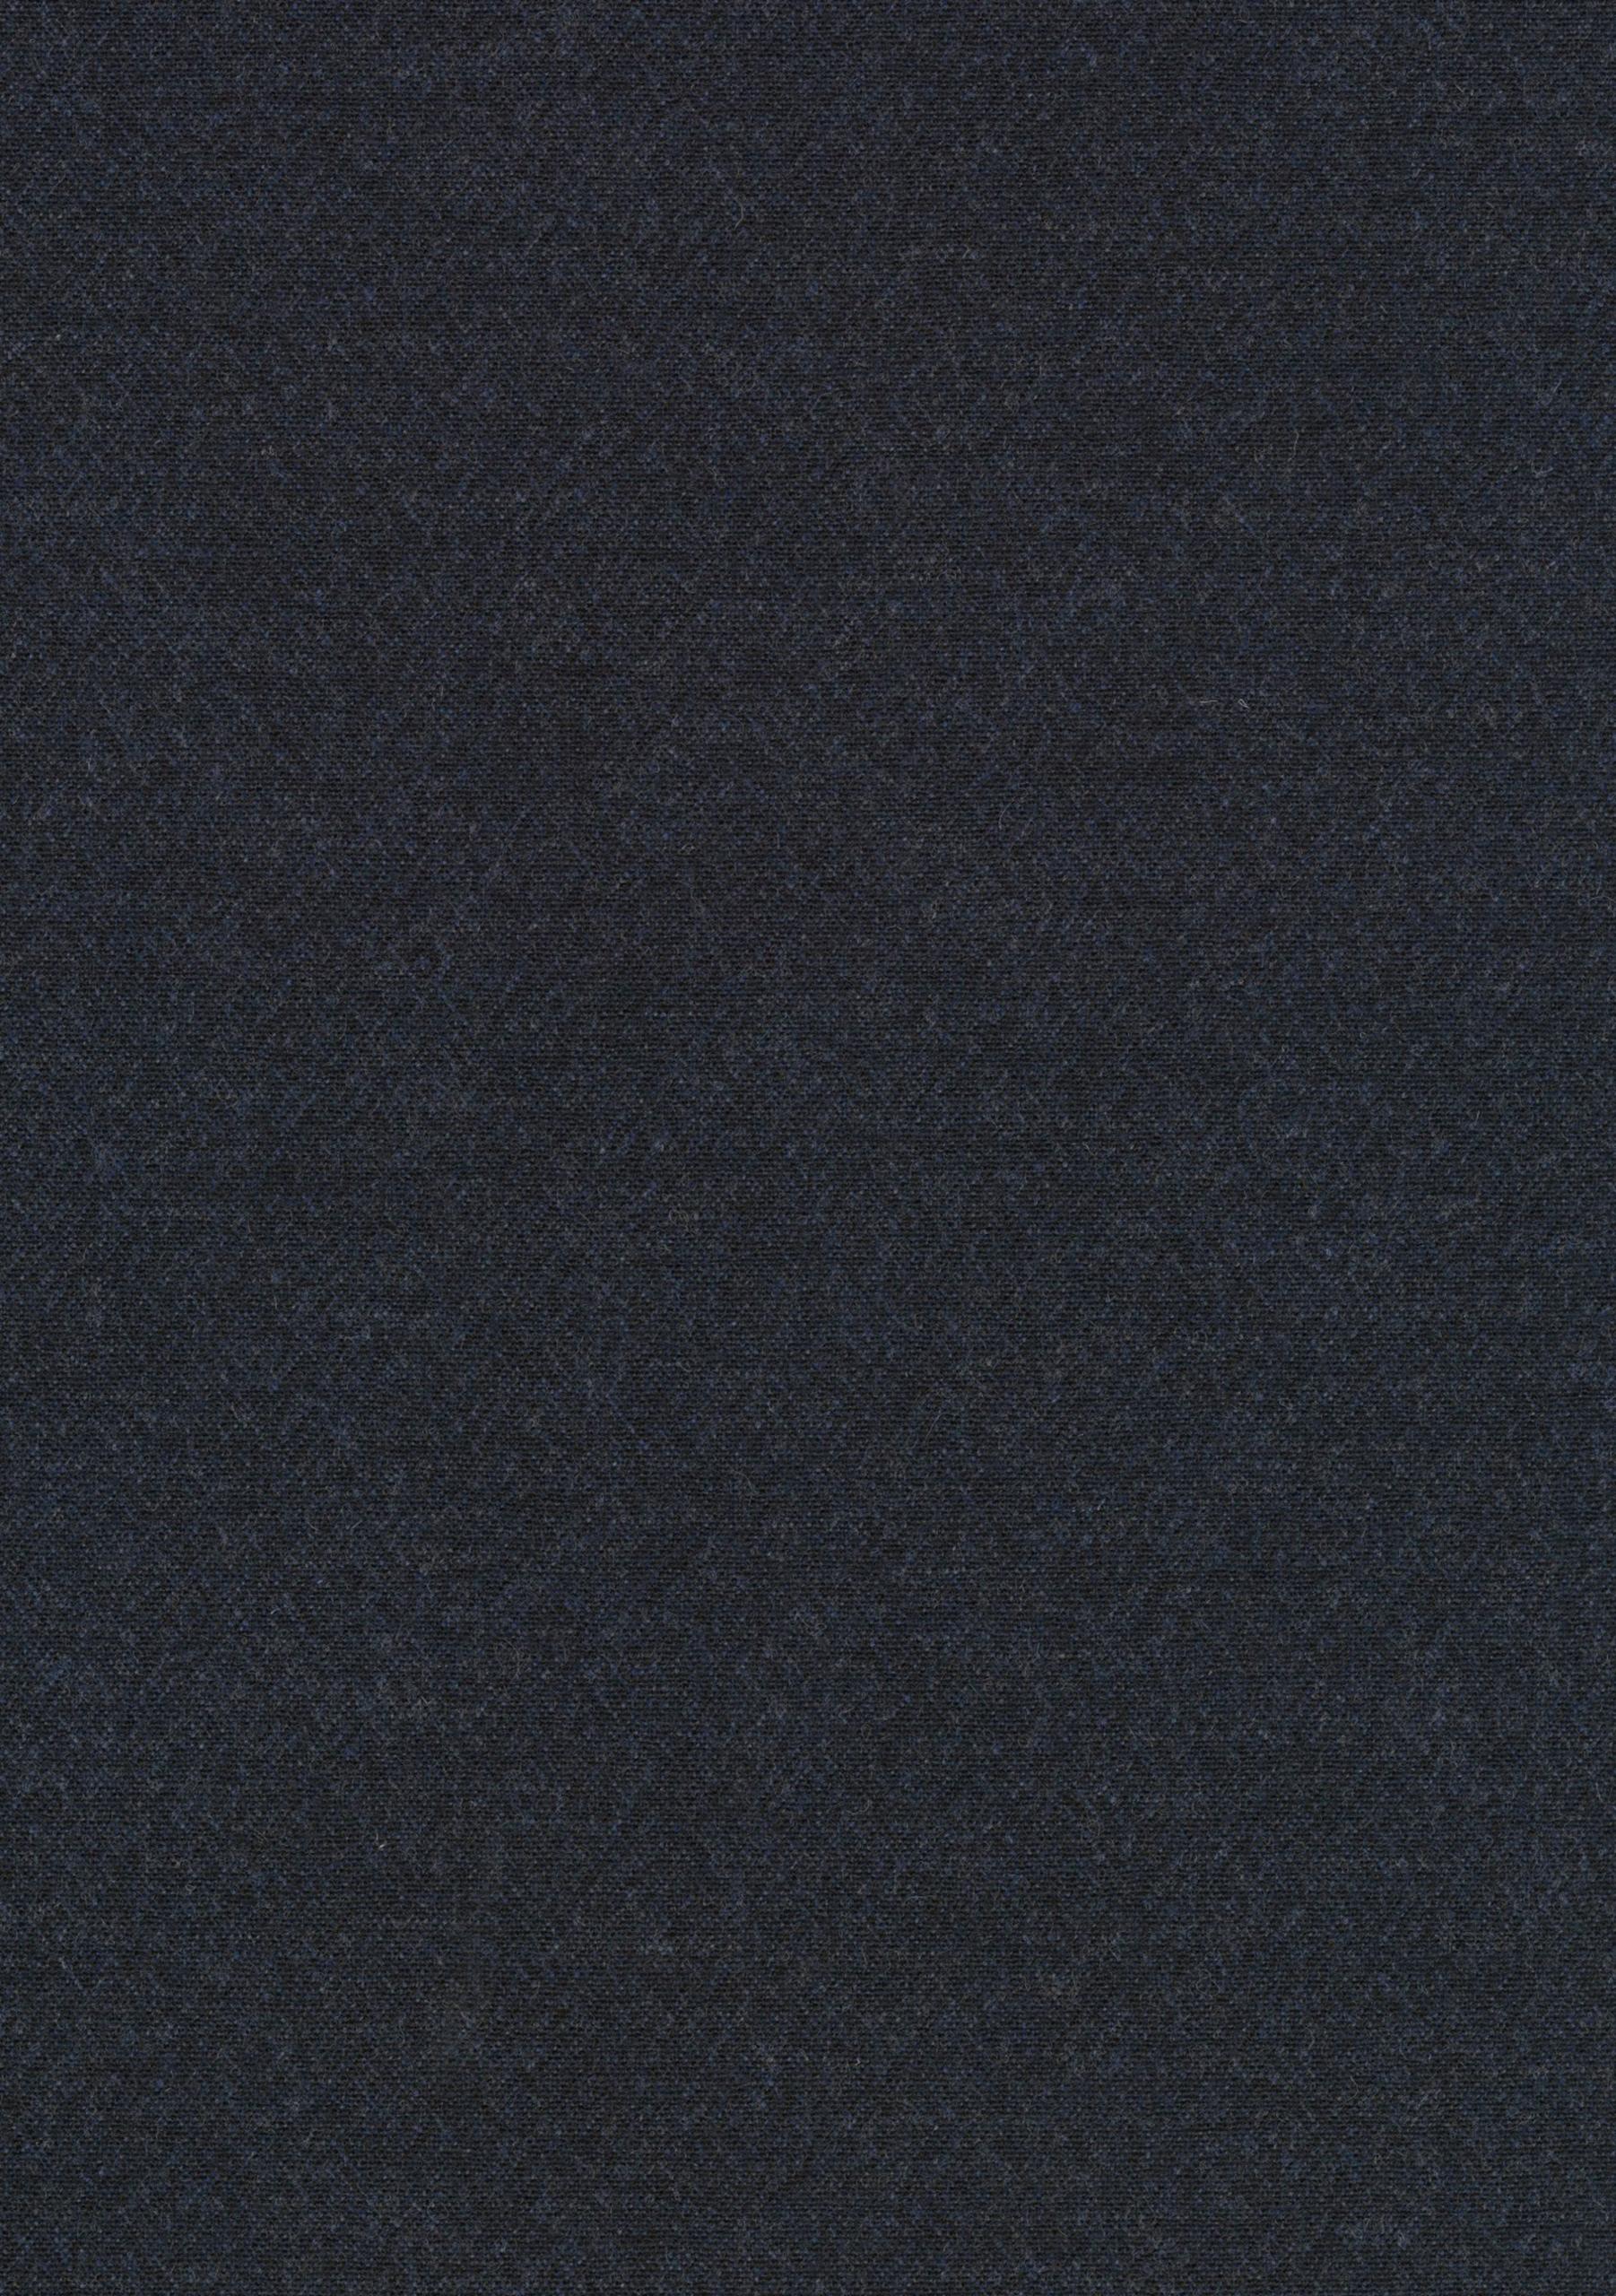 Melange Nap 1281